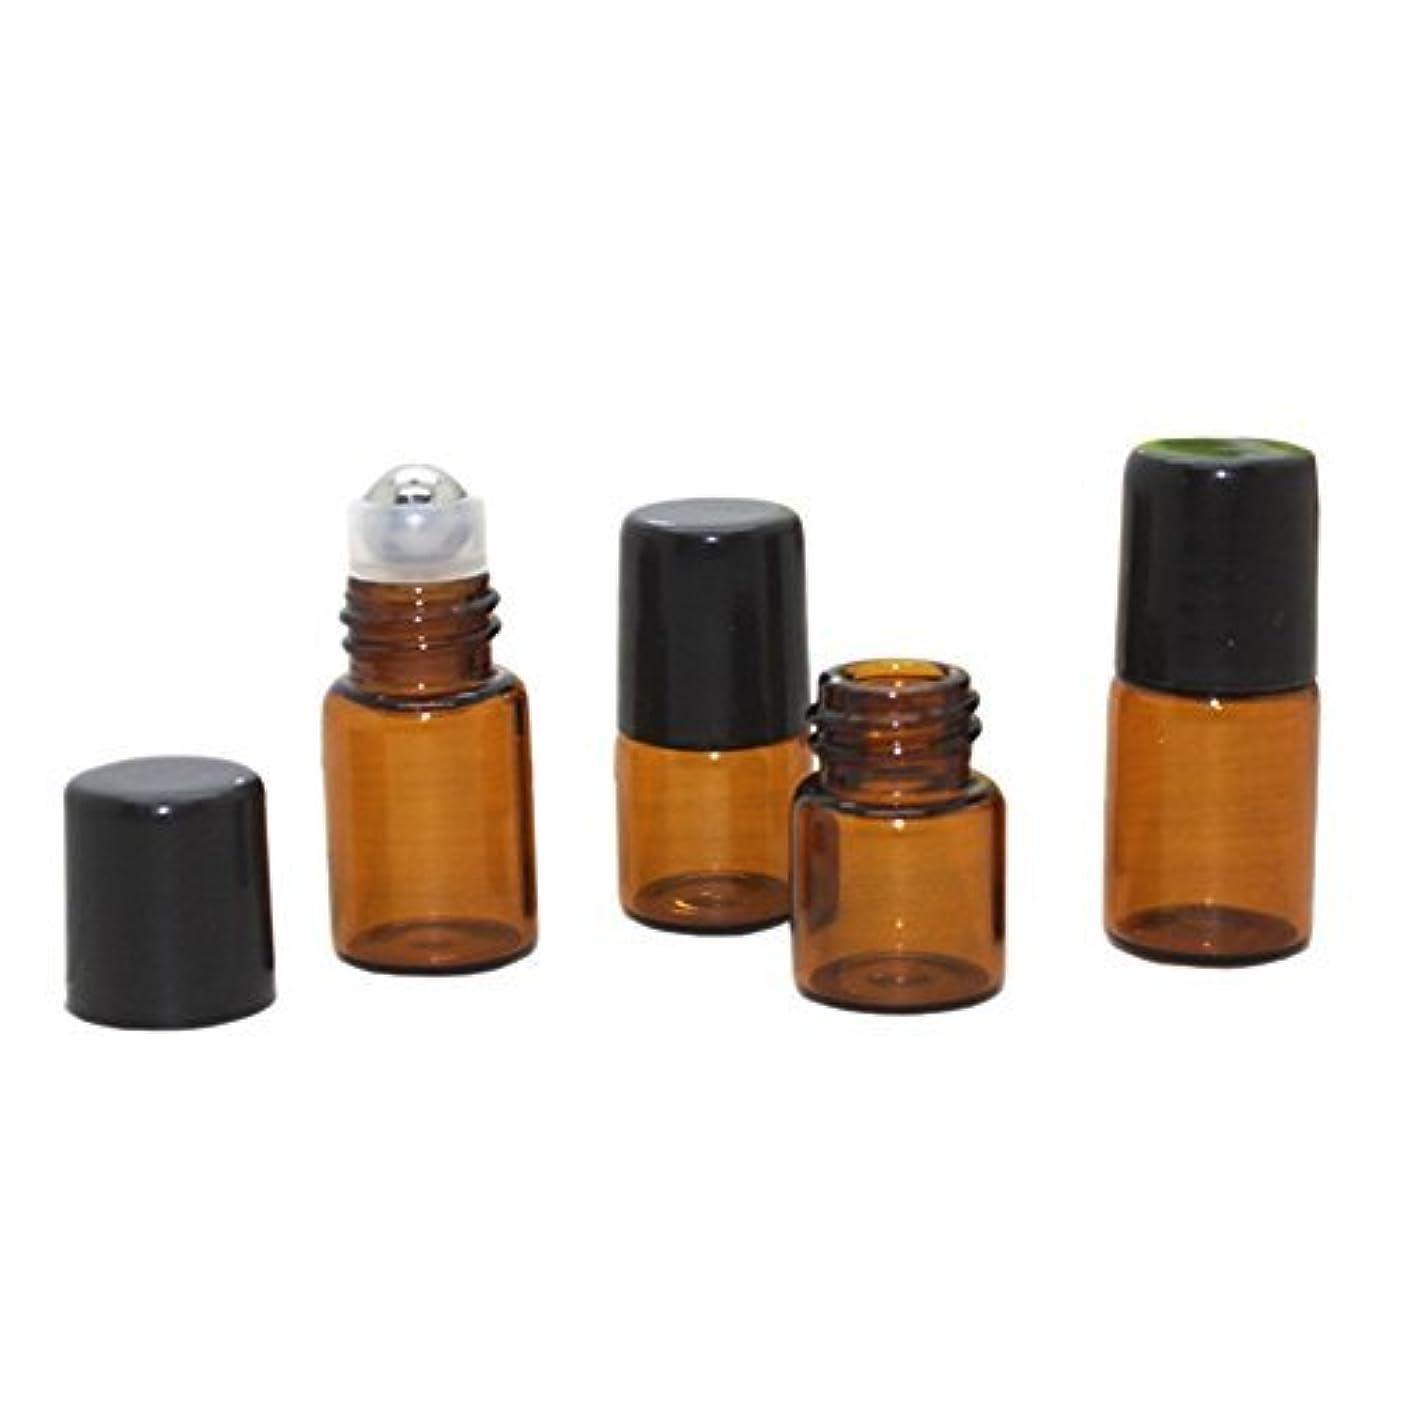 欠席旅行者鬼ごっこHugeStore 25 Pcs Mini Tiny Refillable Empty Essential Oil Glass Roller Bottles Aromatherapy Liquid Amber Glass Rollerball Bottles 2ml [並行輸入品]